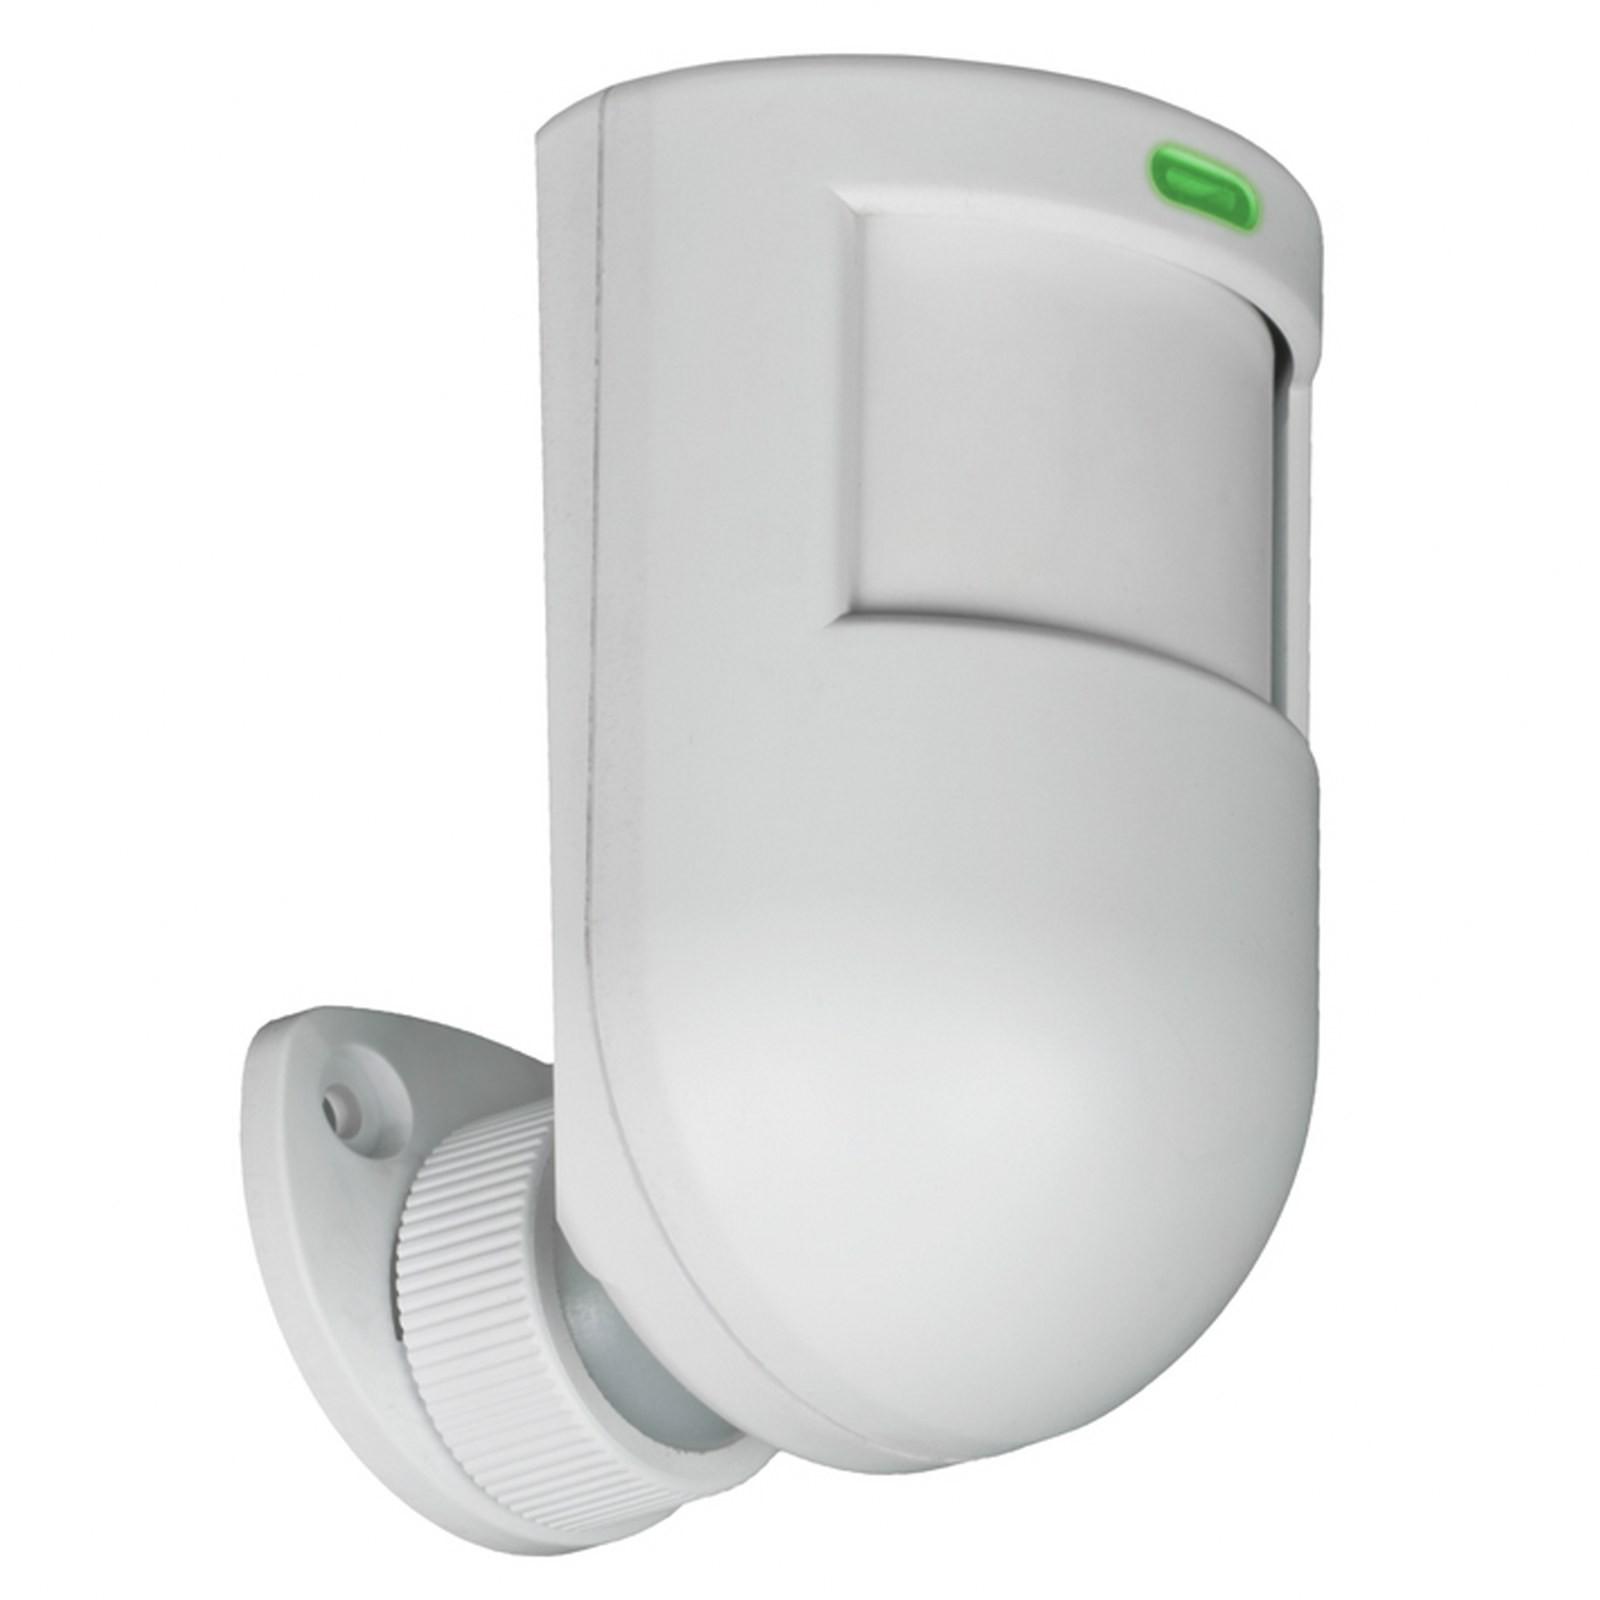 Kit Allarme Centrale Antifurto Casa Combinatore Gsm Sirena CIA HILTRON Protec 6 - Area Illumina